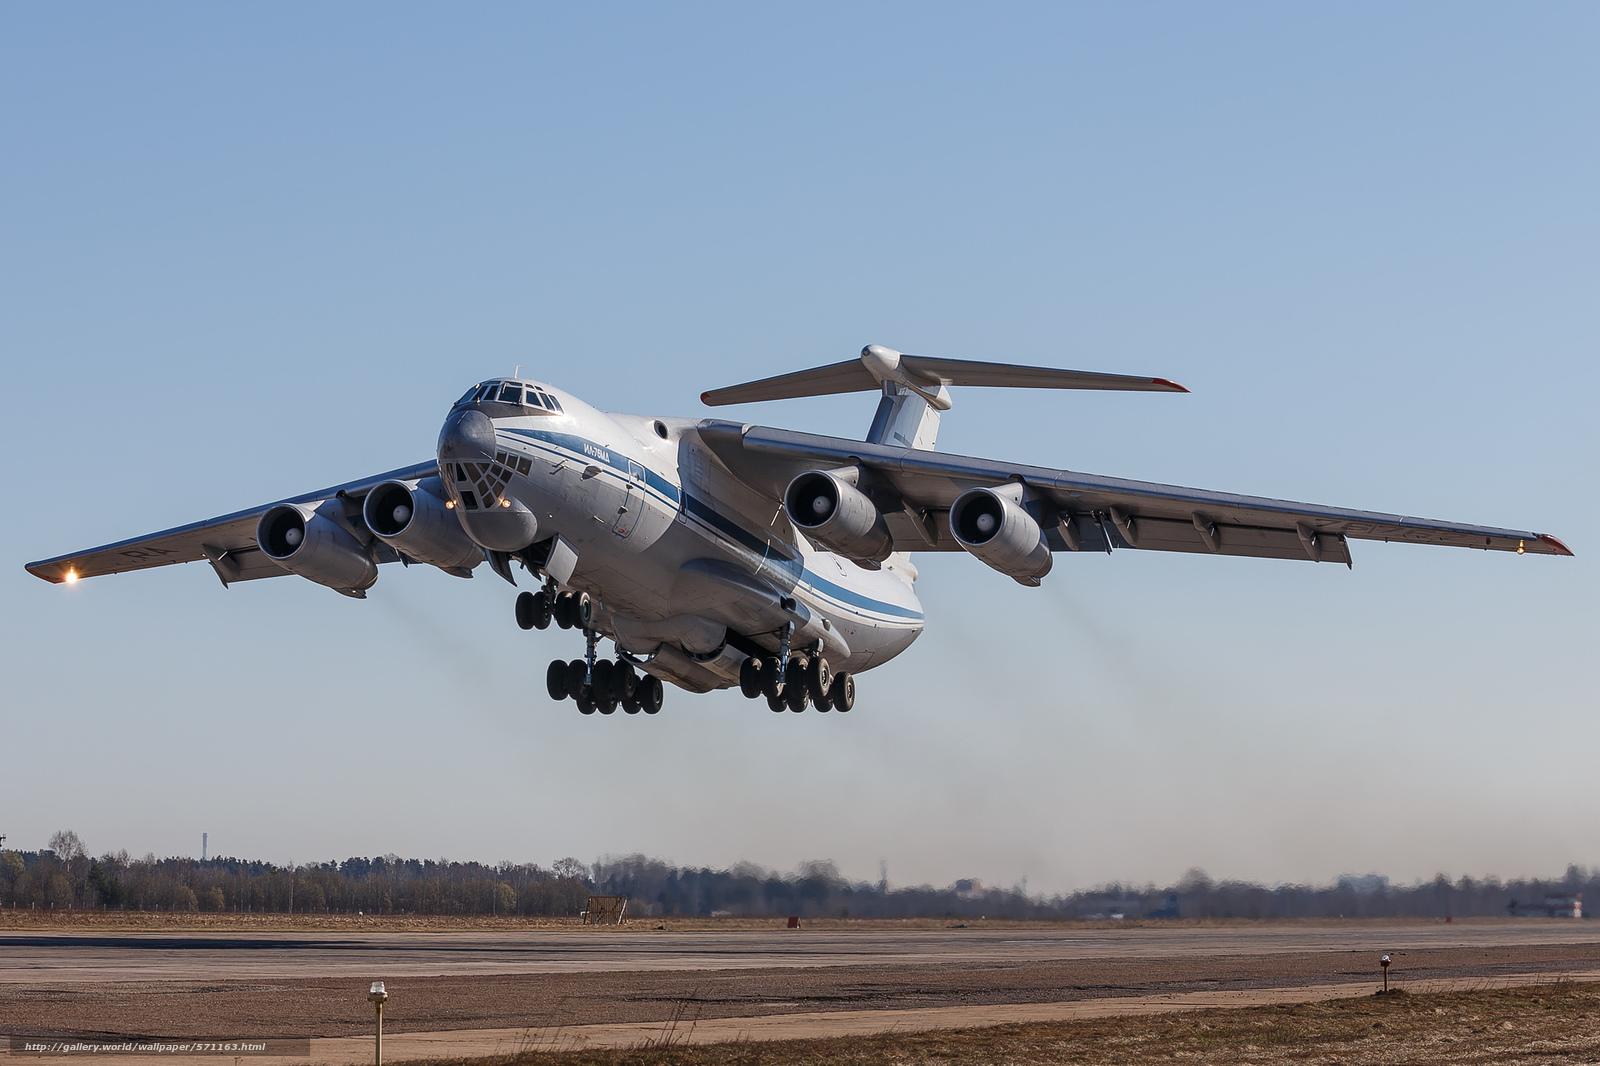 Скачать обои военно-транспортный,  самолёт,  тяжёлый,  российский бесплатно для рабочего стола в разрешении 2048x1365 — картинка №571163